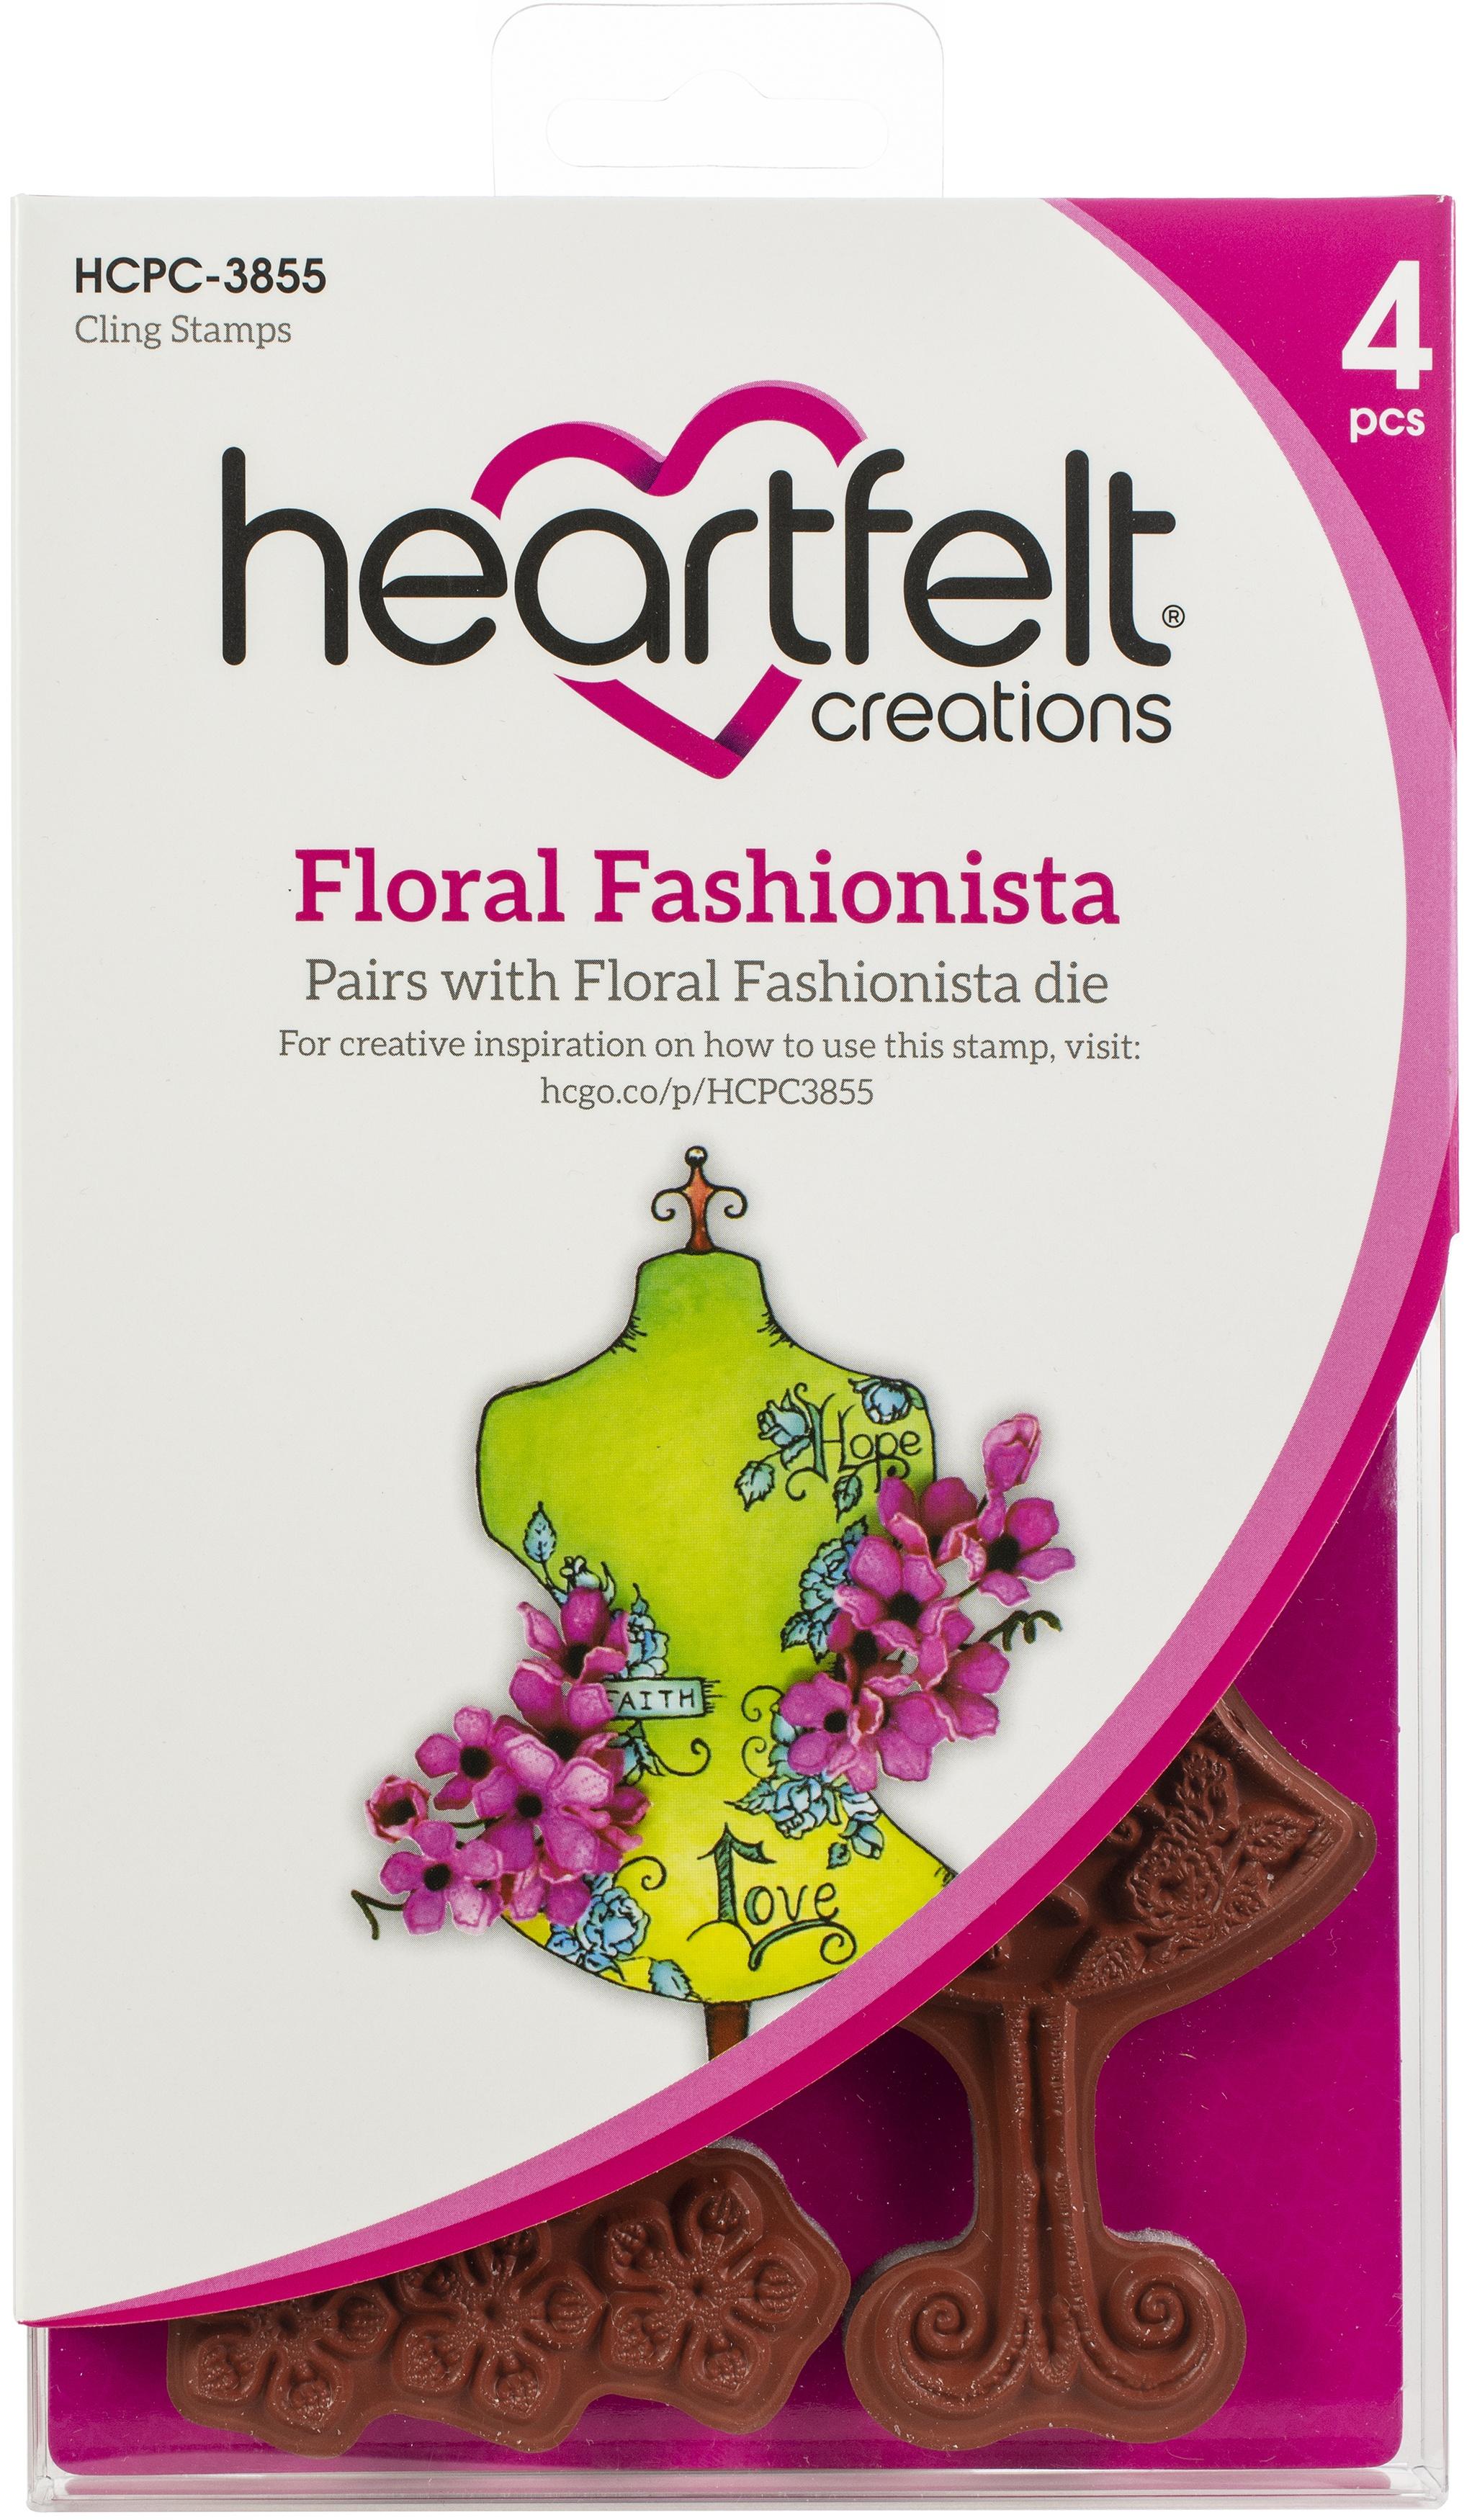 Heartfelt Creations Floral Fashionista Bundle (Stamp & Die)